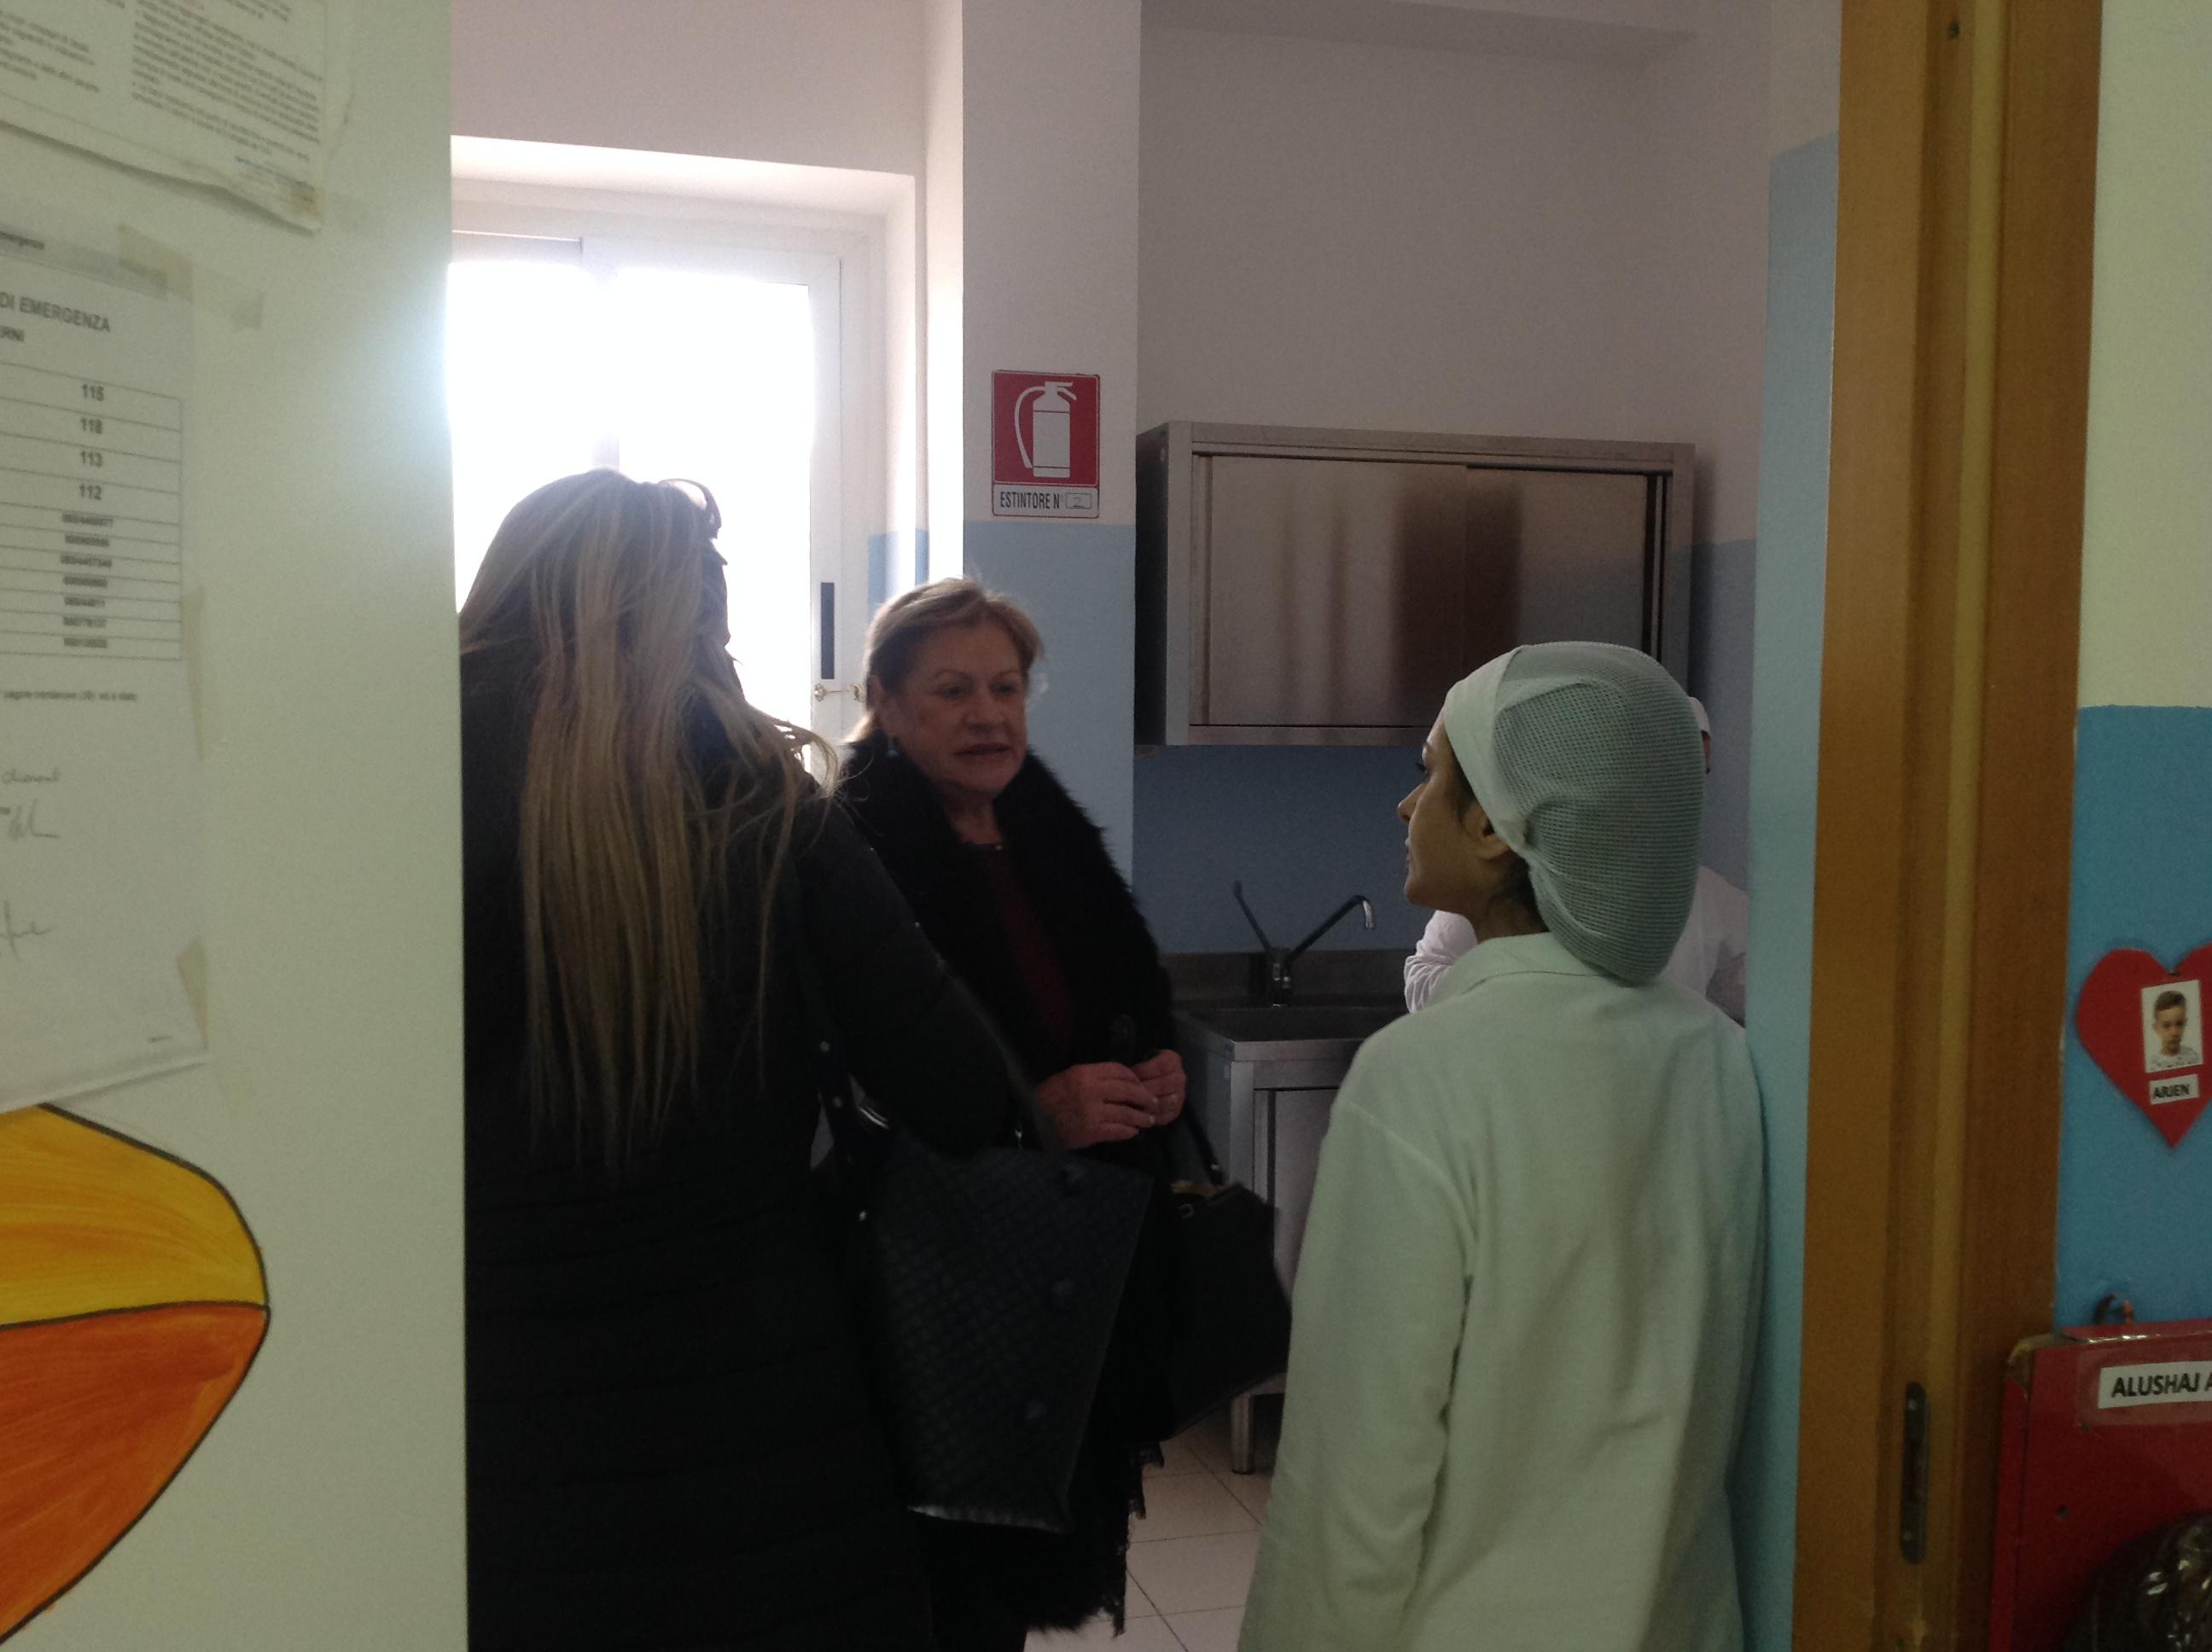 La Commissione Mensa in sopralluogo alla scuola dell'infanzia di via Lazio